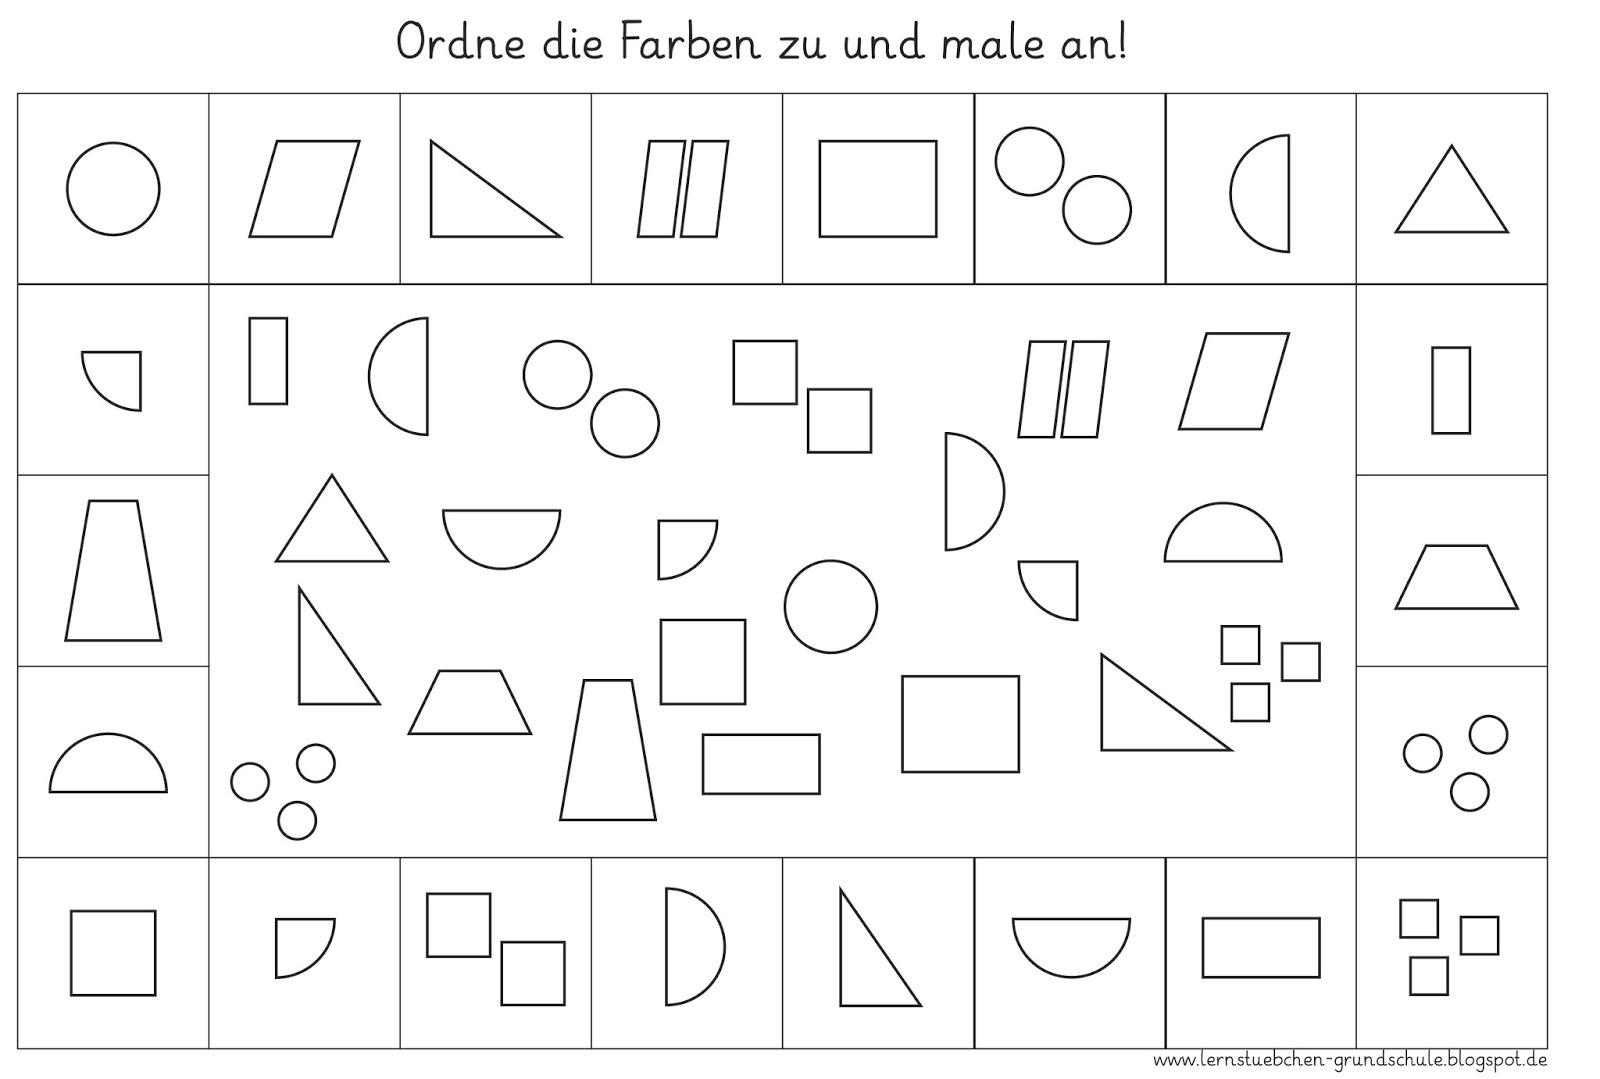 Beste Formen Zum Einfärben Galerie - Malvorlagen Von Tieren - ngadi.info